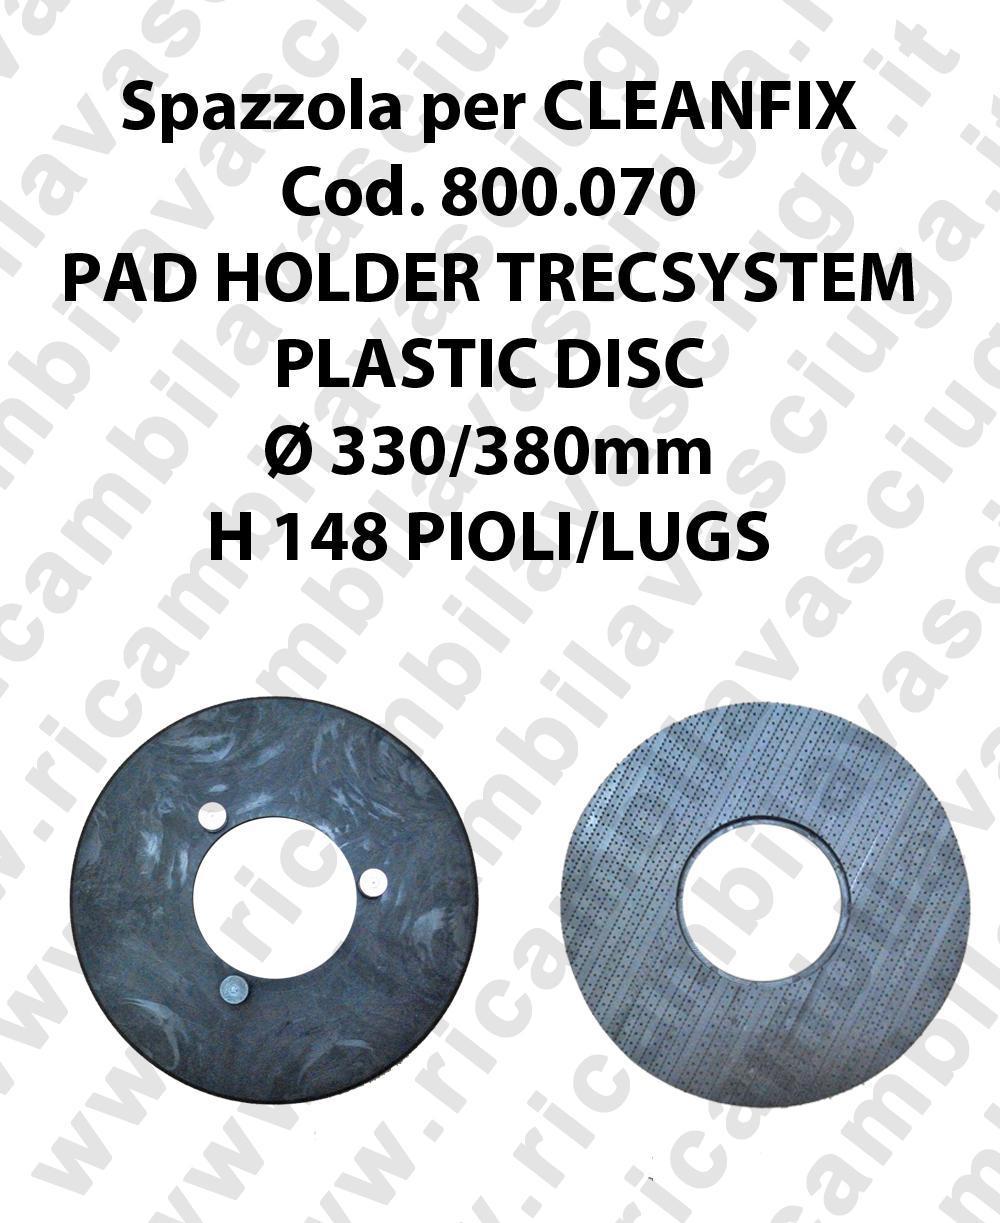 PAD HOLDER TRECSYSTEM  pour autolaveuses CLEANFIX code 800.070